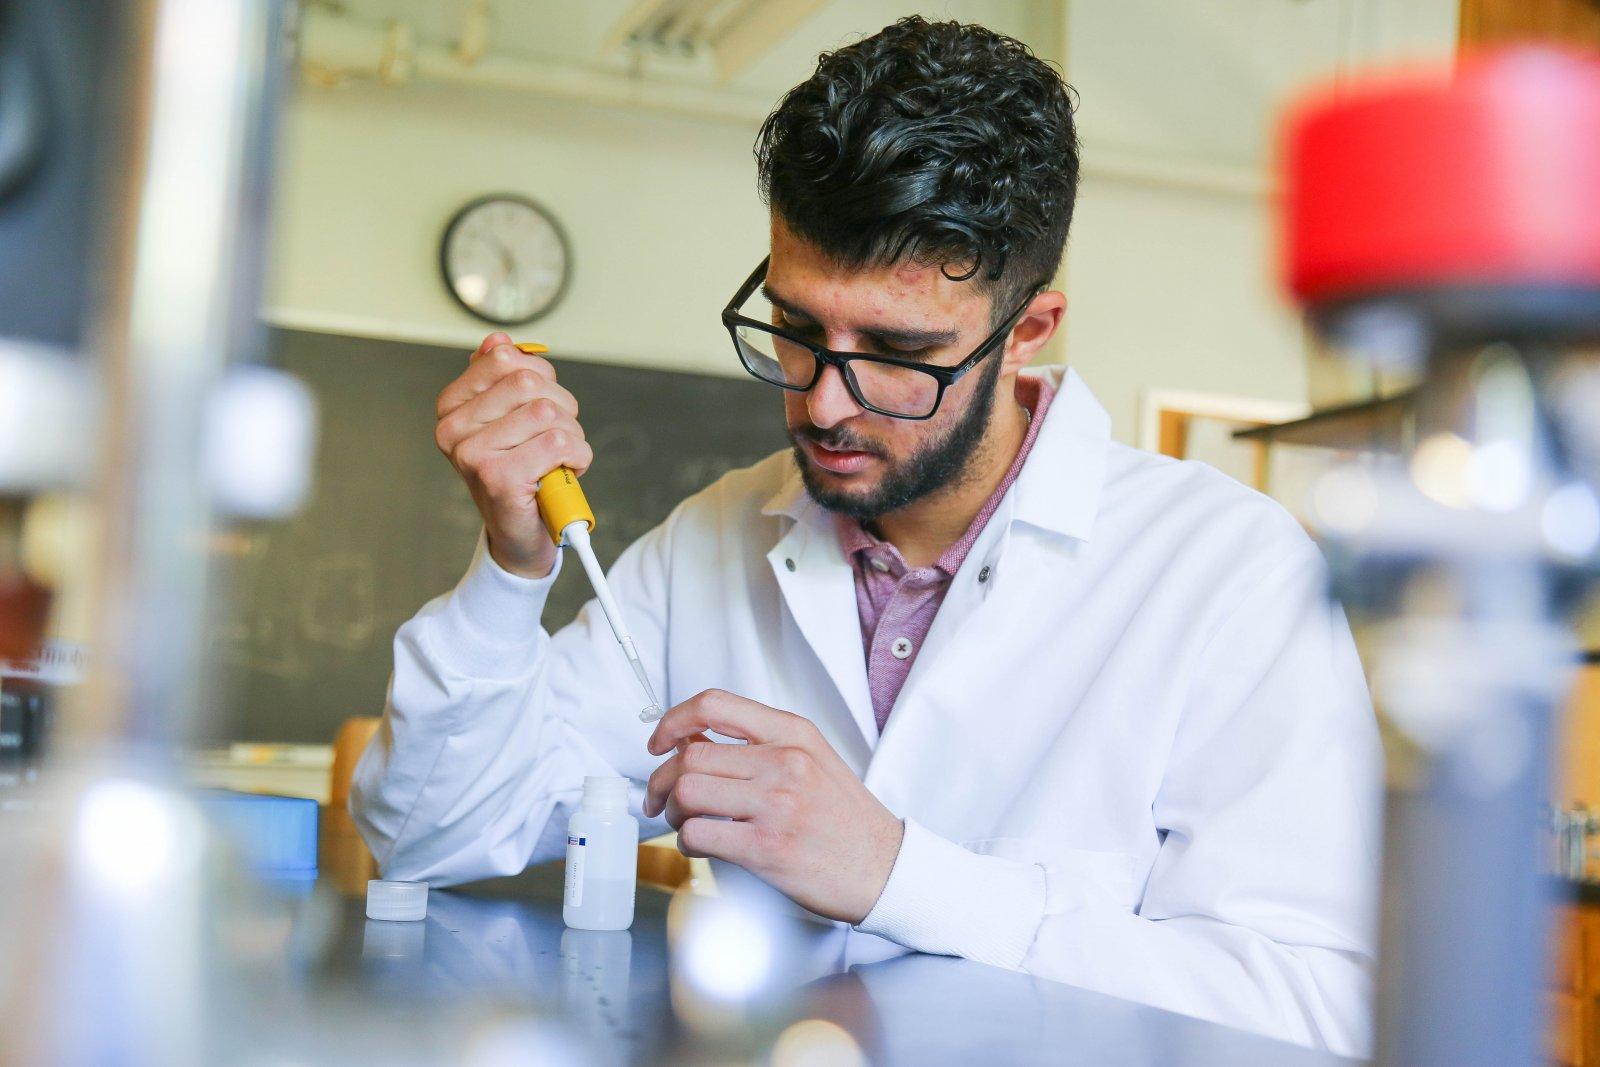 Yazan Meqbil works in science lab